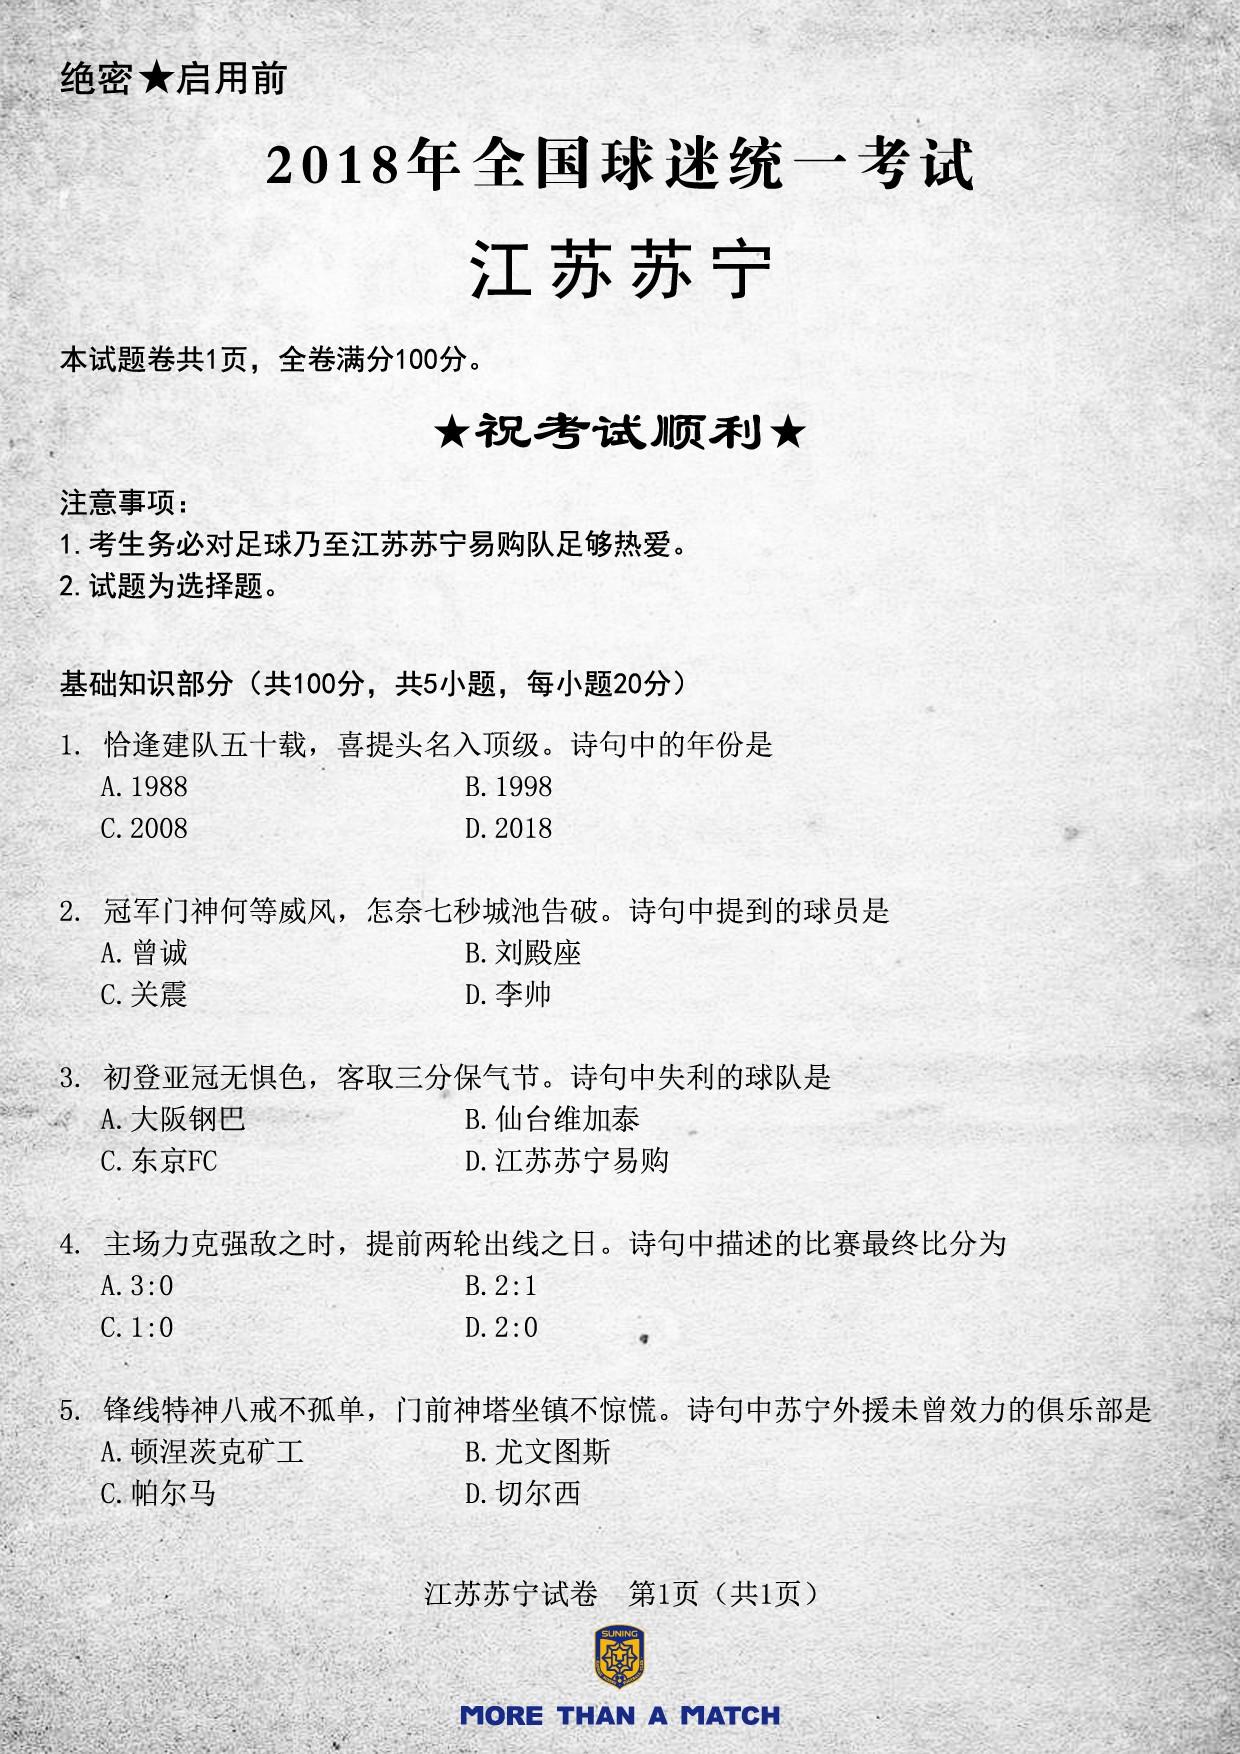 2018全国球迷统一考试江苏苏宁卷正式开始